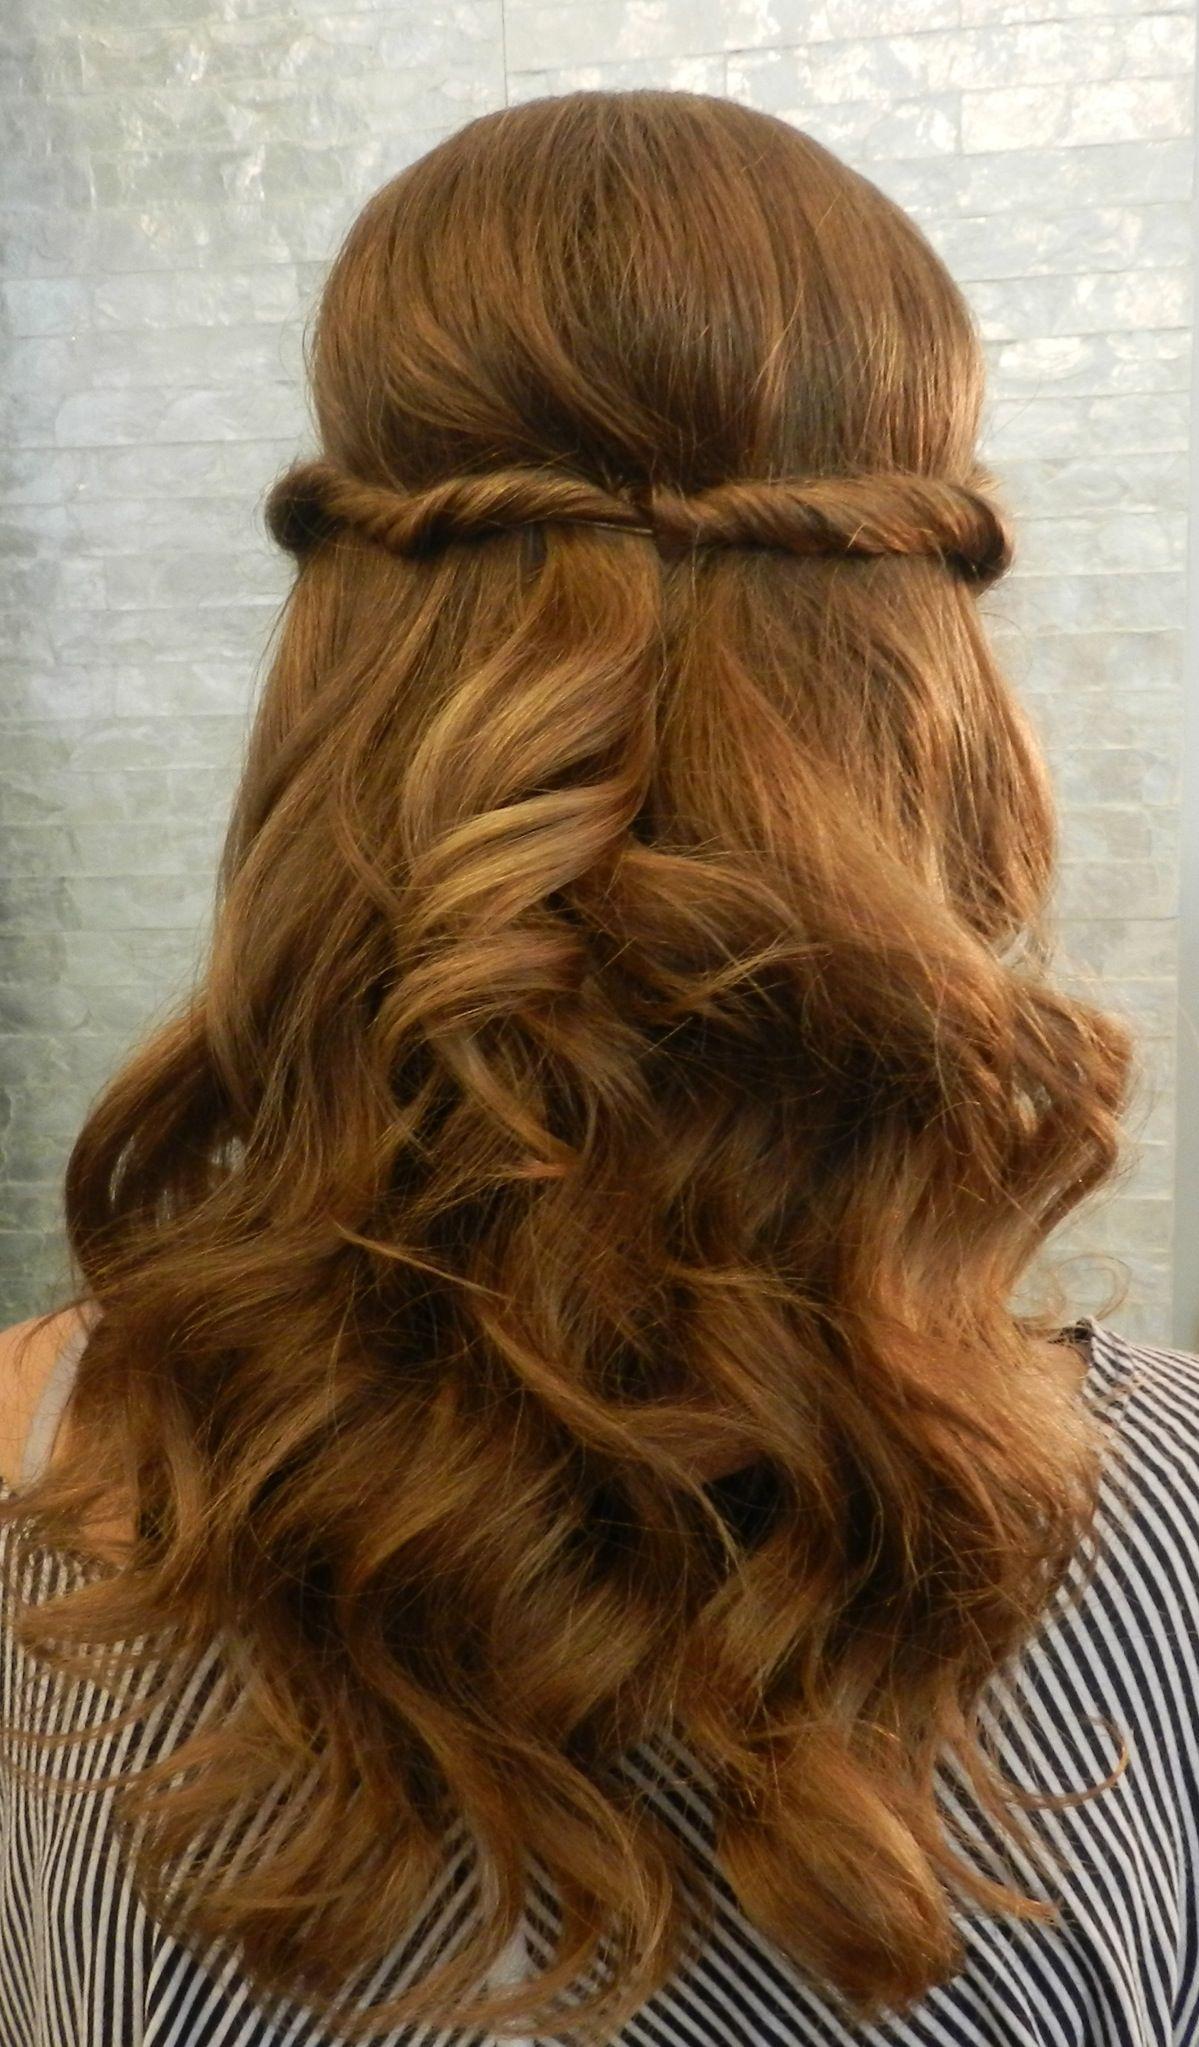 8th grade graduation hair so cute Half up UPDO By tinatobar